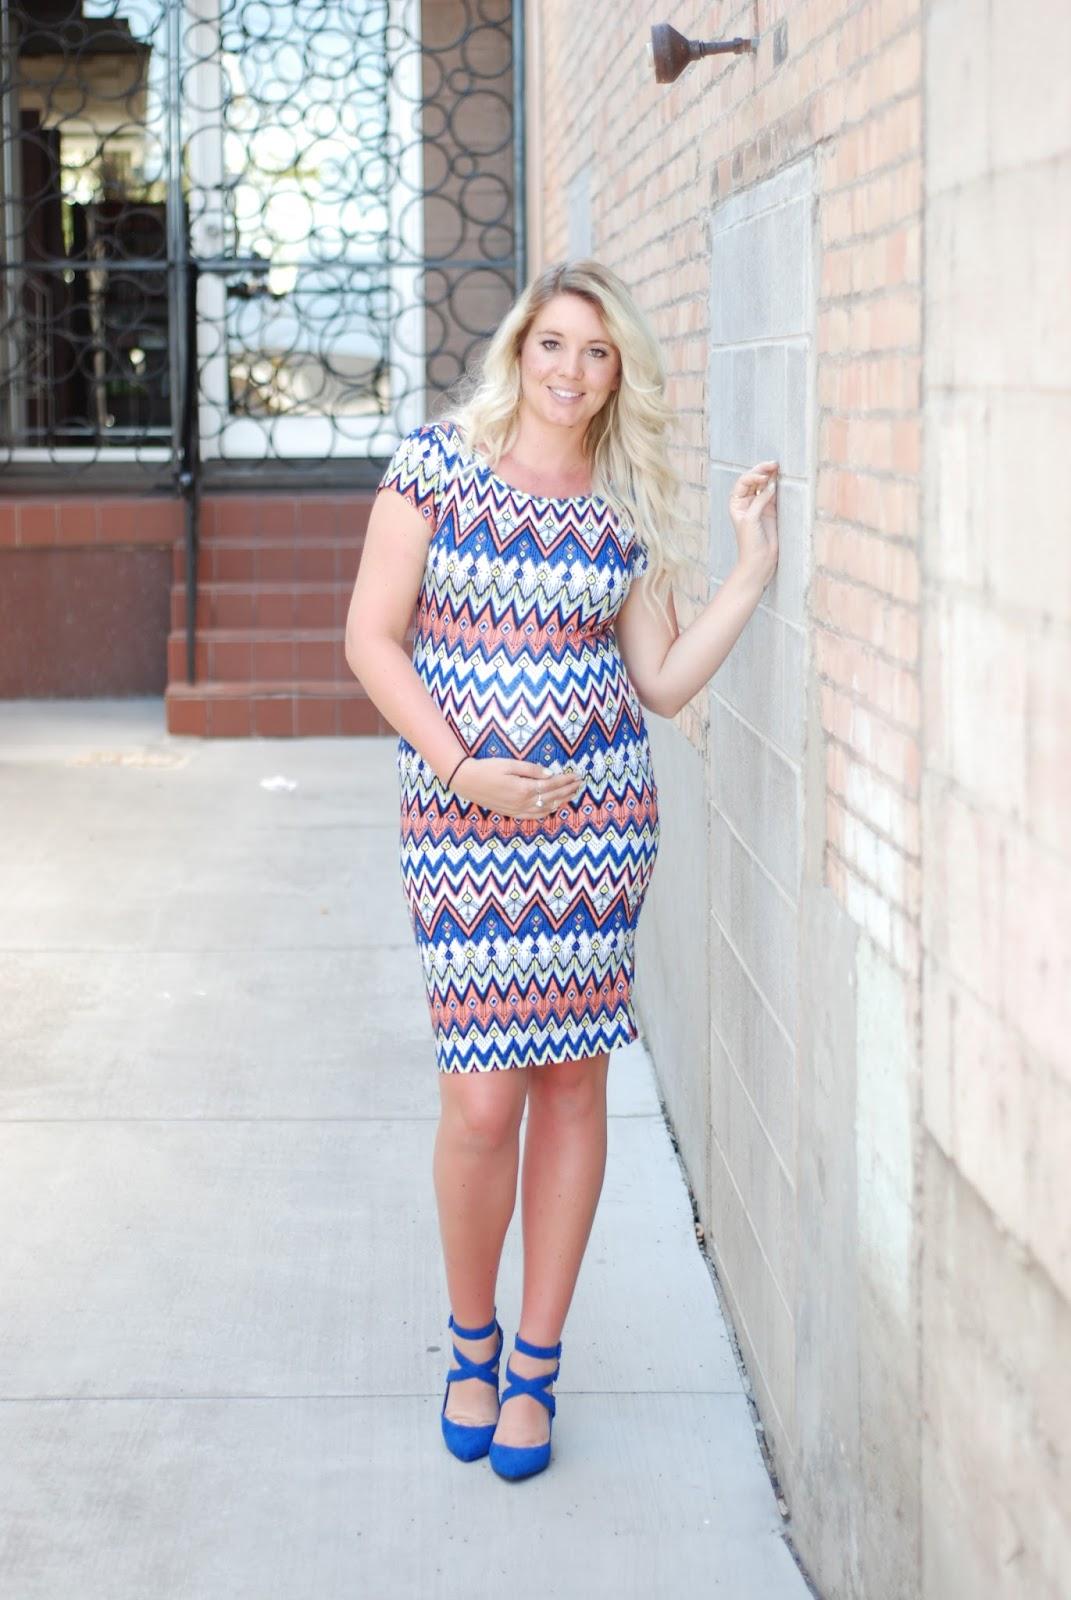 AMI Clubwear Dress, Groopdealz Heels